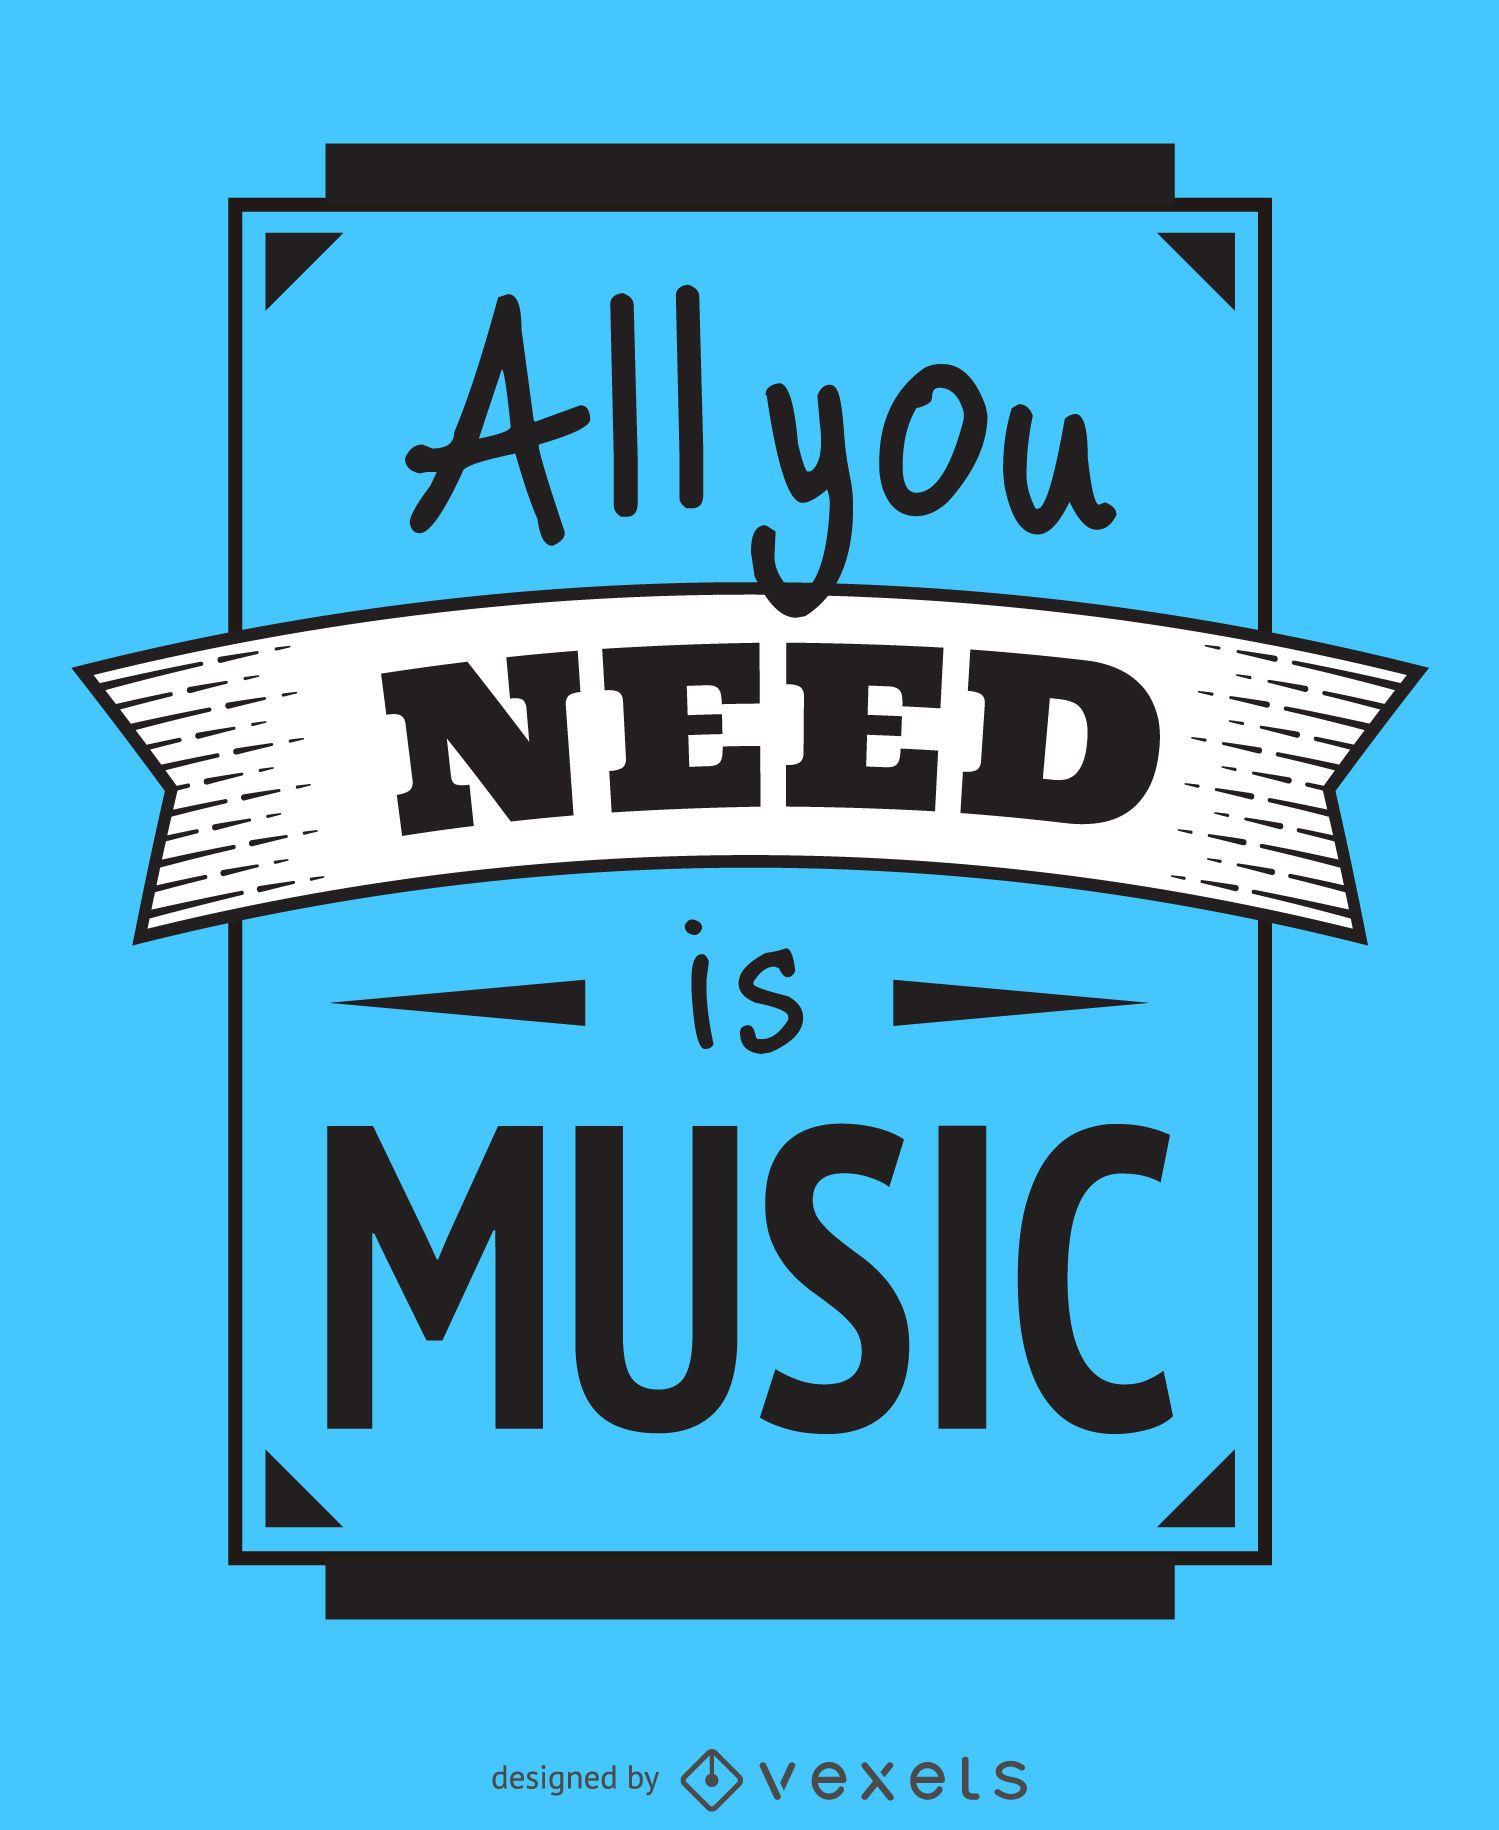 Todo lo que necesitas es un póster de música.